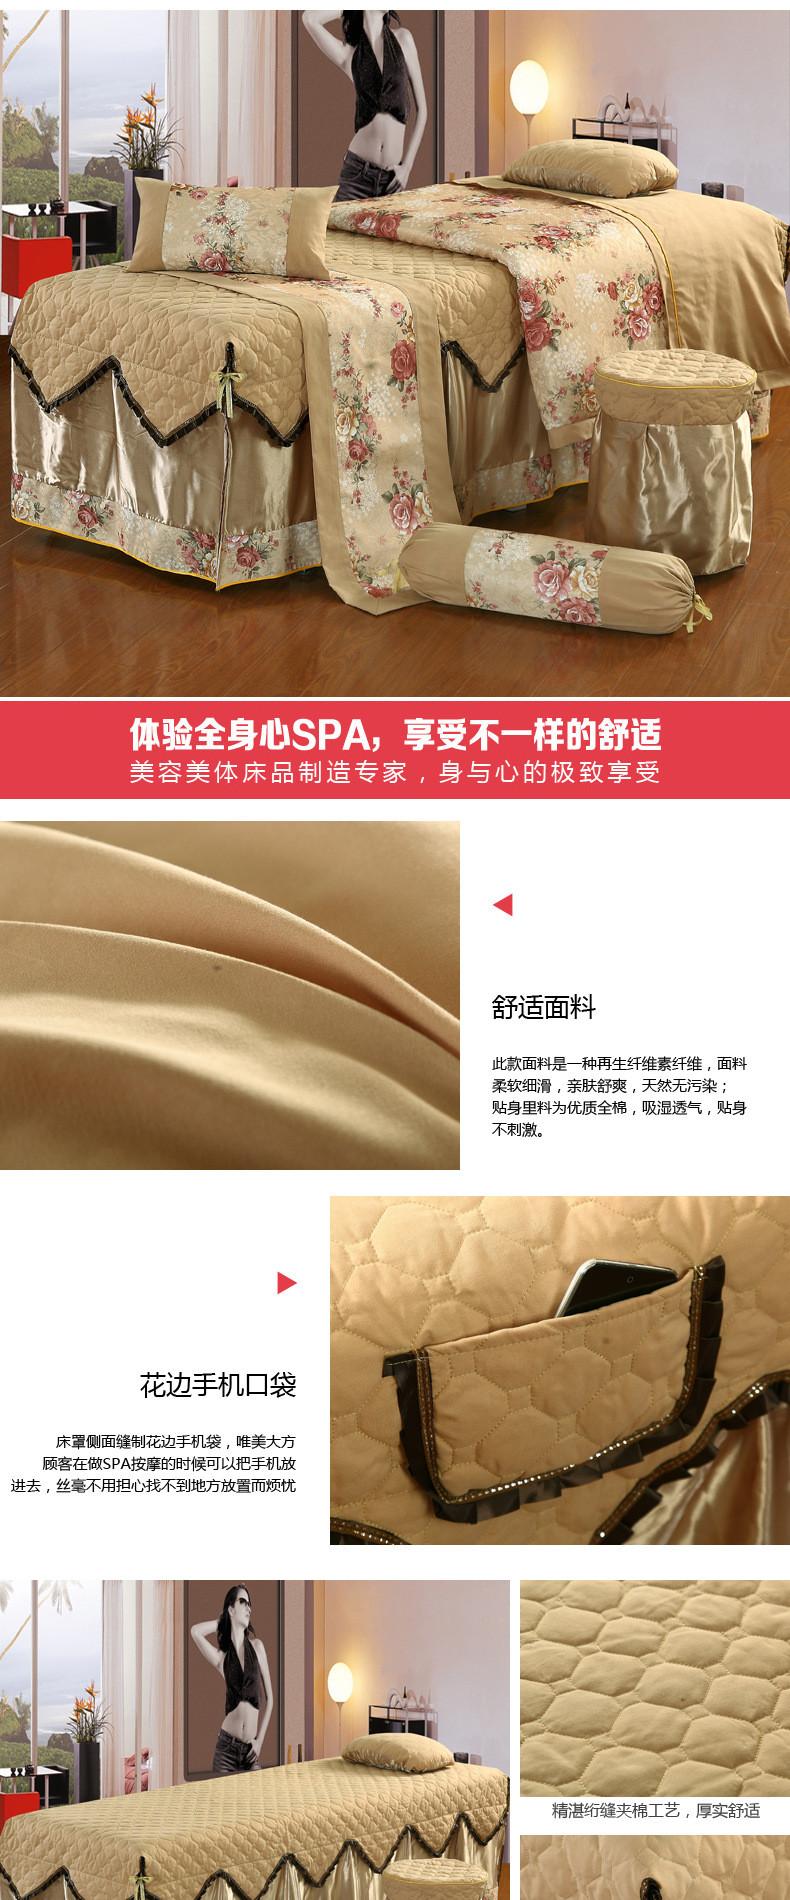 新款包邮高档亲柔棉美容床罩美容美体按摩理疗SPA洗头床罩可定做示例图27